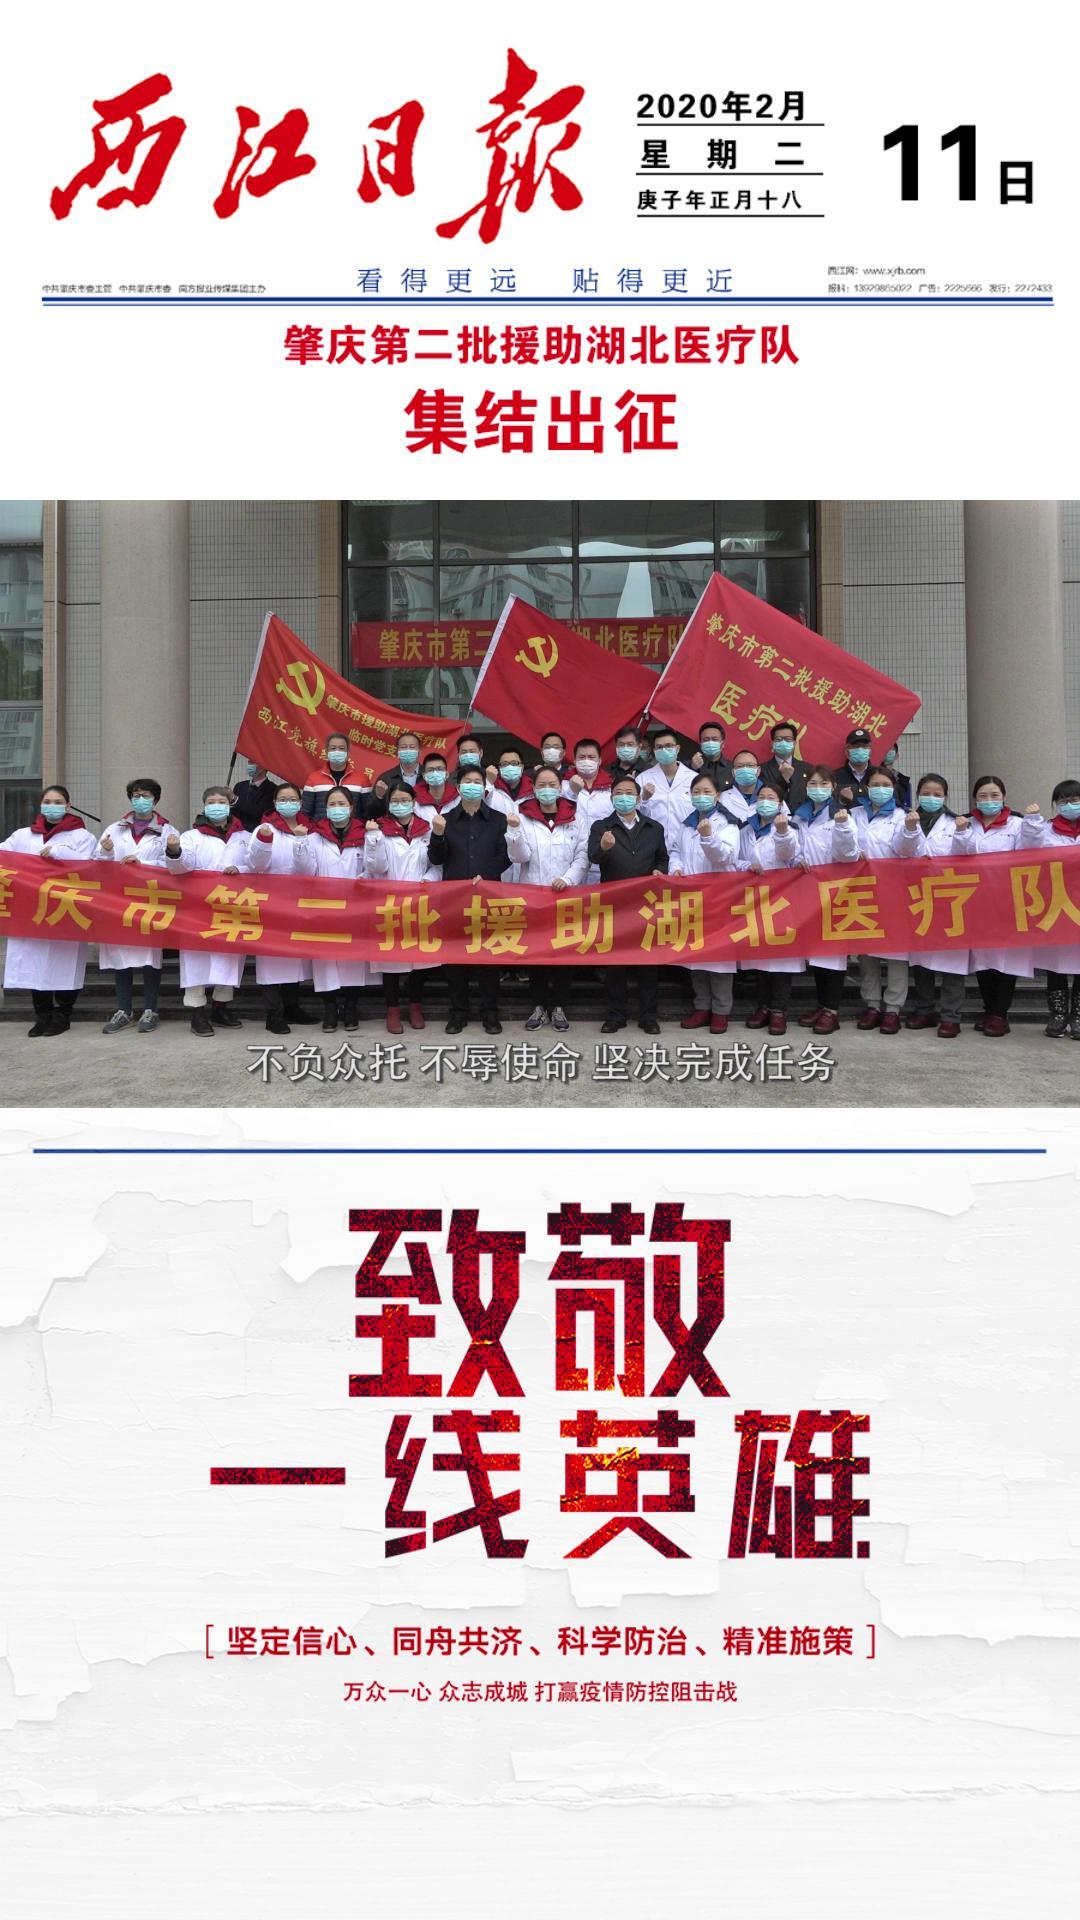 肇庆市第二批援助湖北医疗队在市卫健局集结出征(15s版)